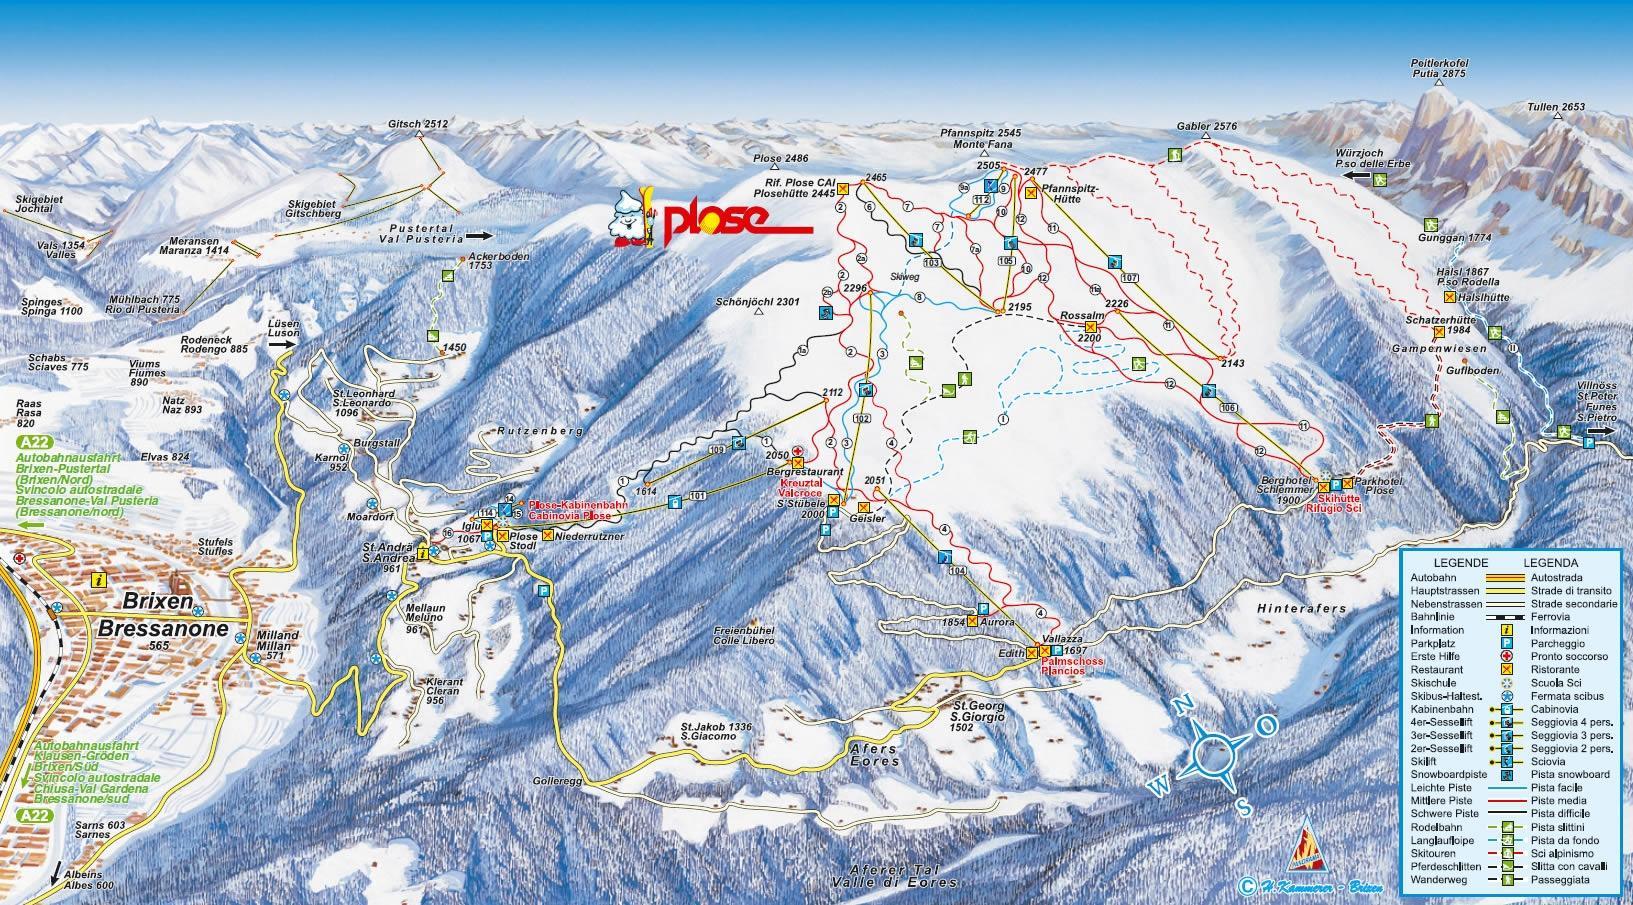 685-map-plose-brixen--plose-bressano